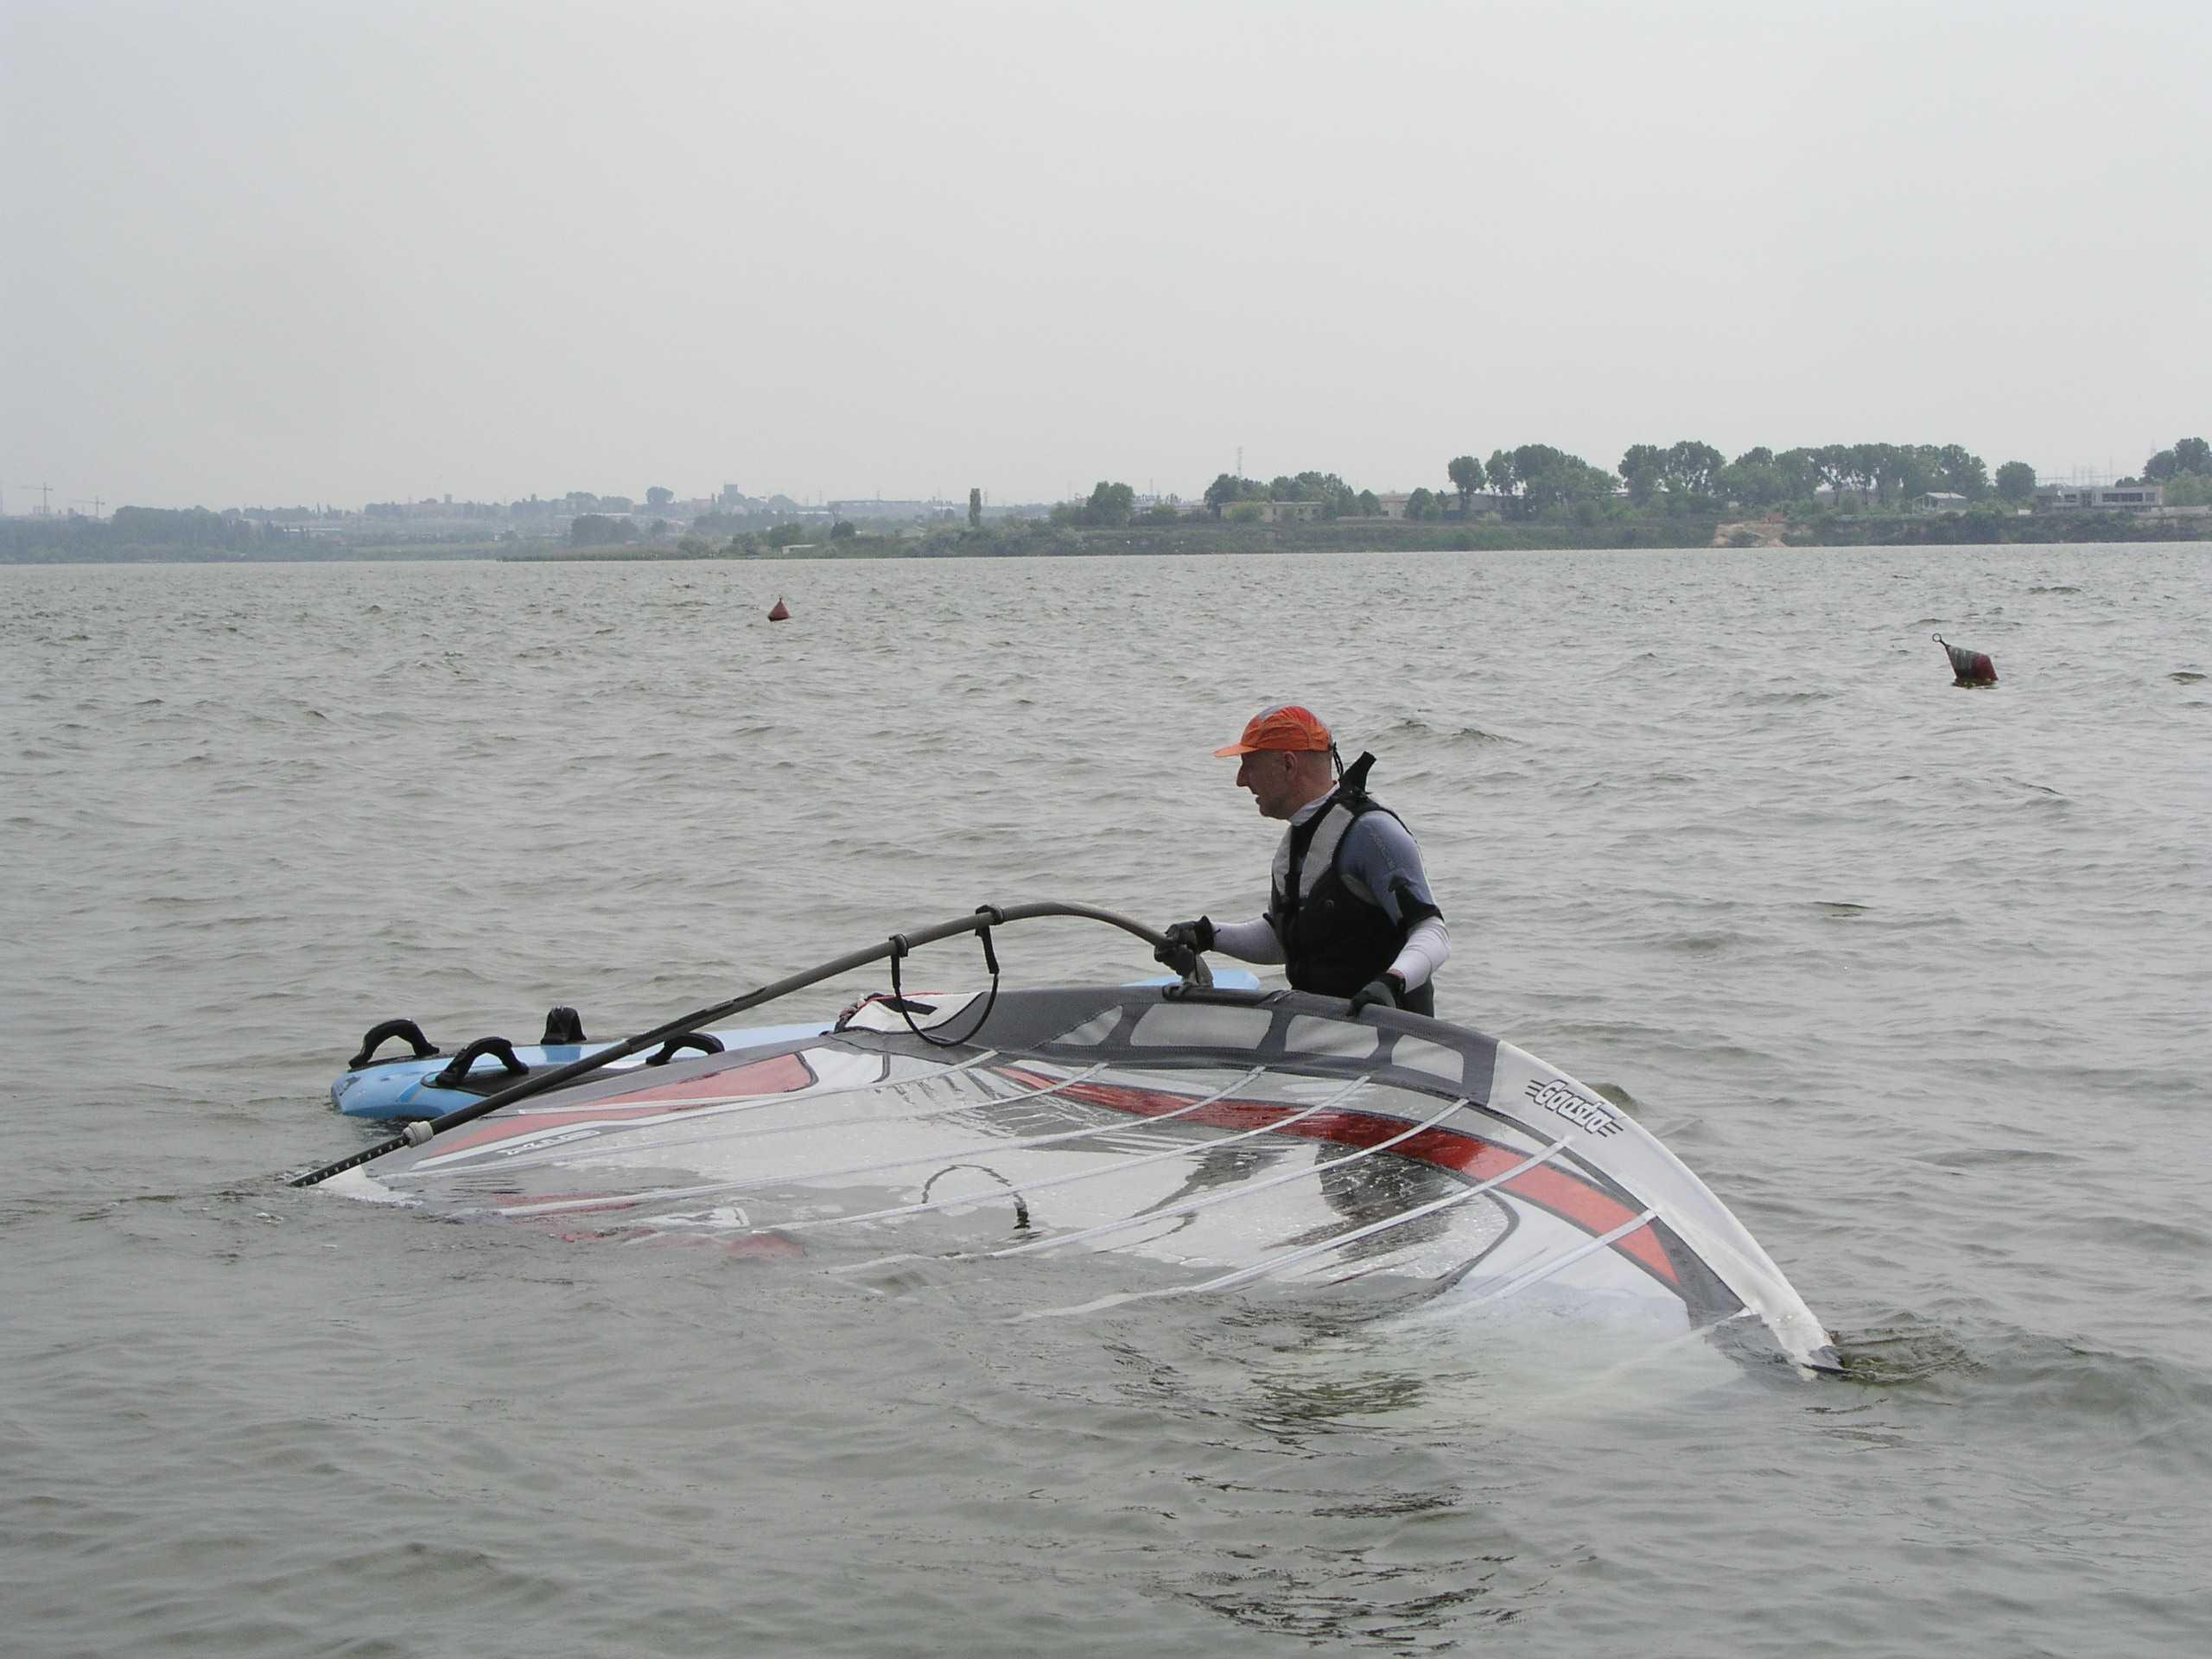 windsurfing       6